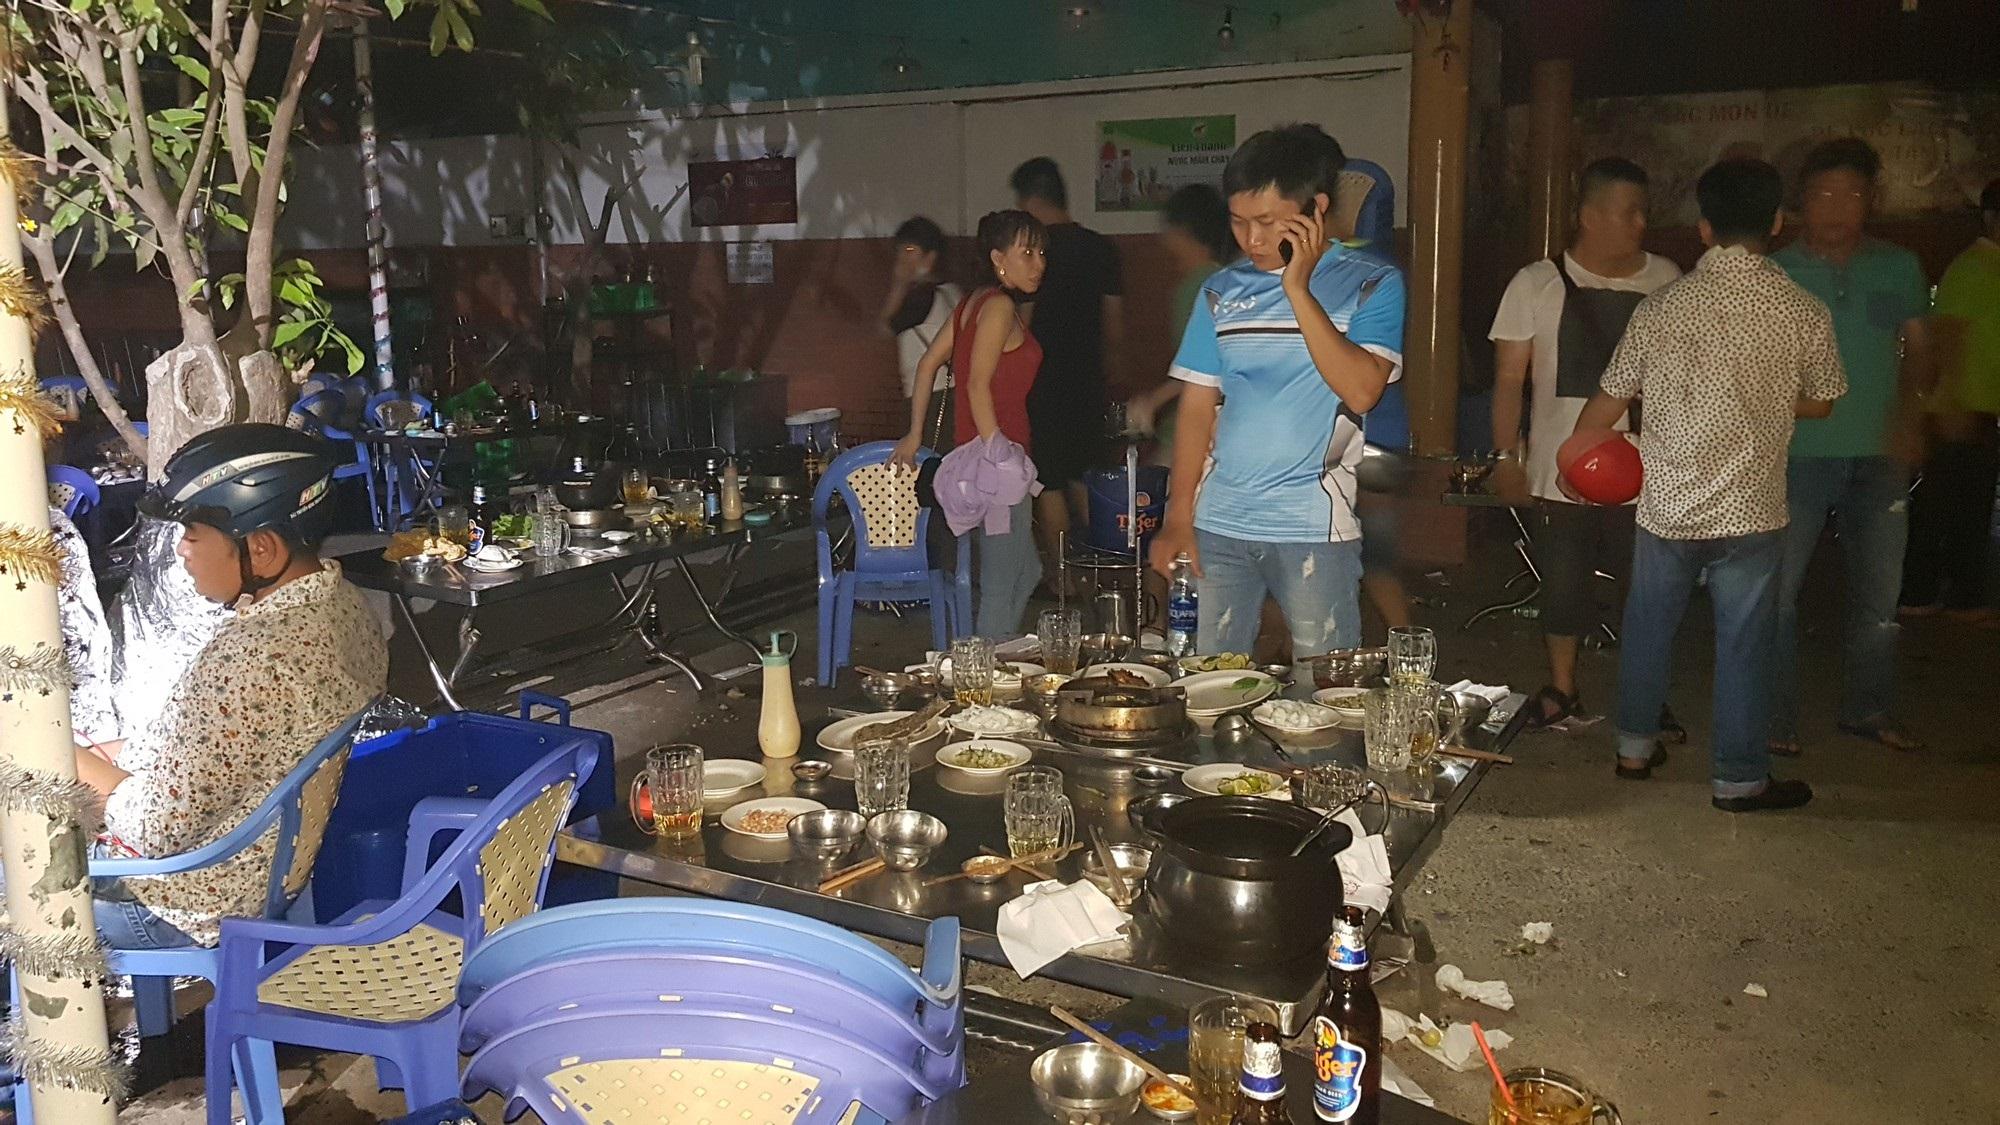 Quán lẩu dê ở Sài Gòn phát hoả, hàng trăm thực khách tháo chạy tán loạn - Ảnh 1